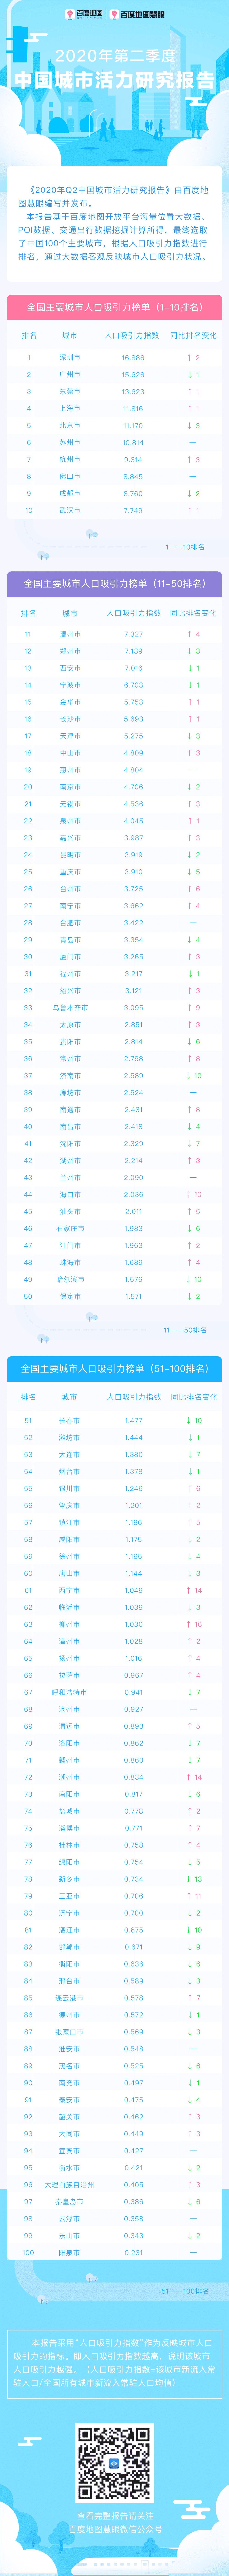 百度地图发布Q2城市人口吸引力榜单:深圳第一 北京第五插图